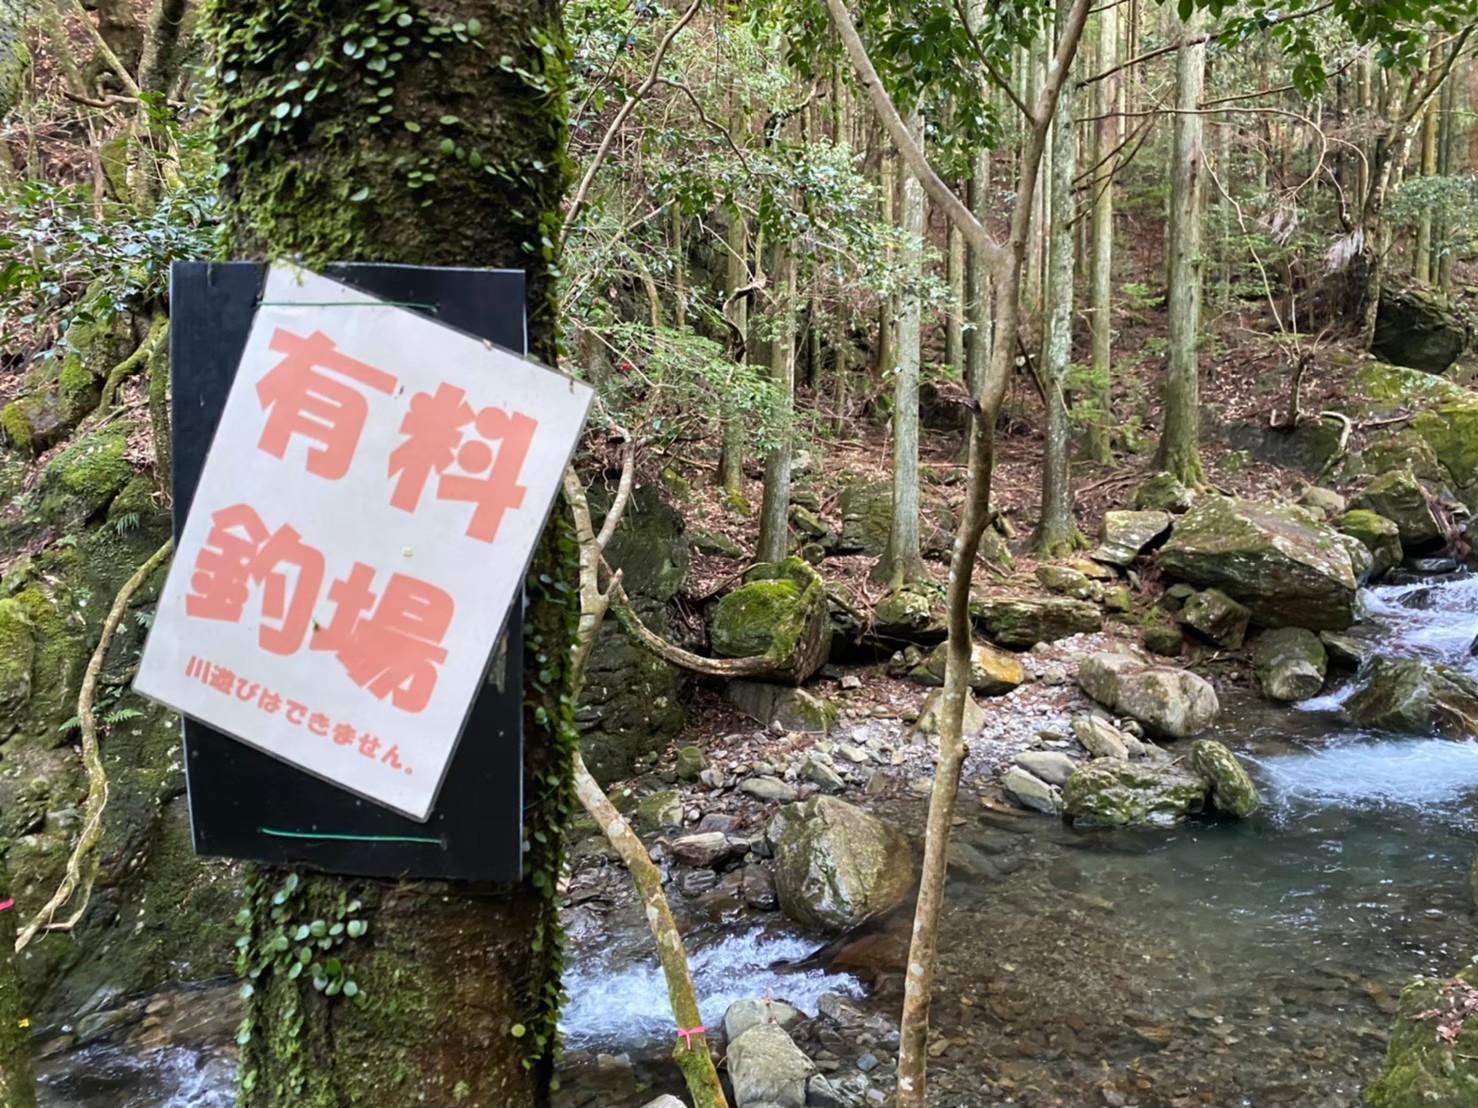 【愛知県の穴場キャンプ場】名古屋近郊『くらがりキャンプセンター』の情報まとめ(駐車場・トイレ)